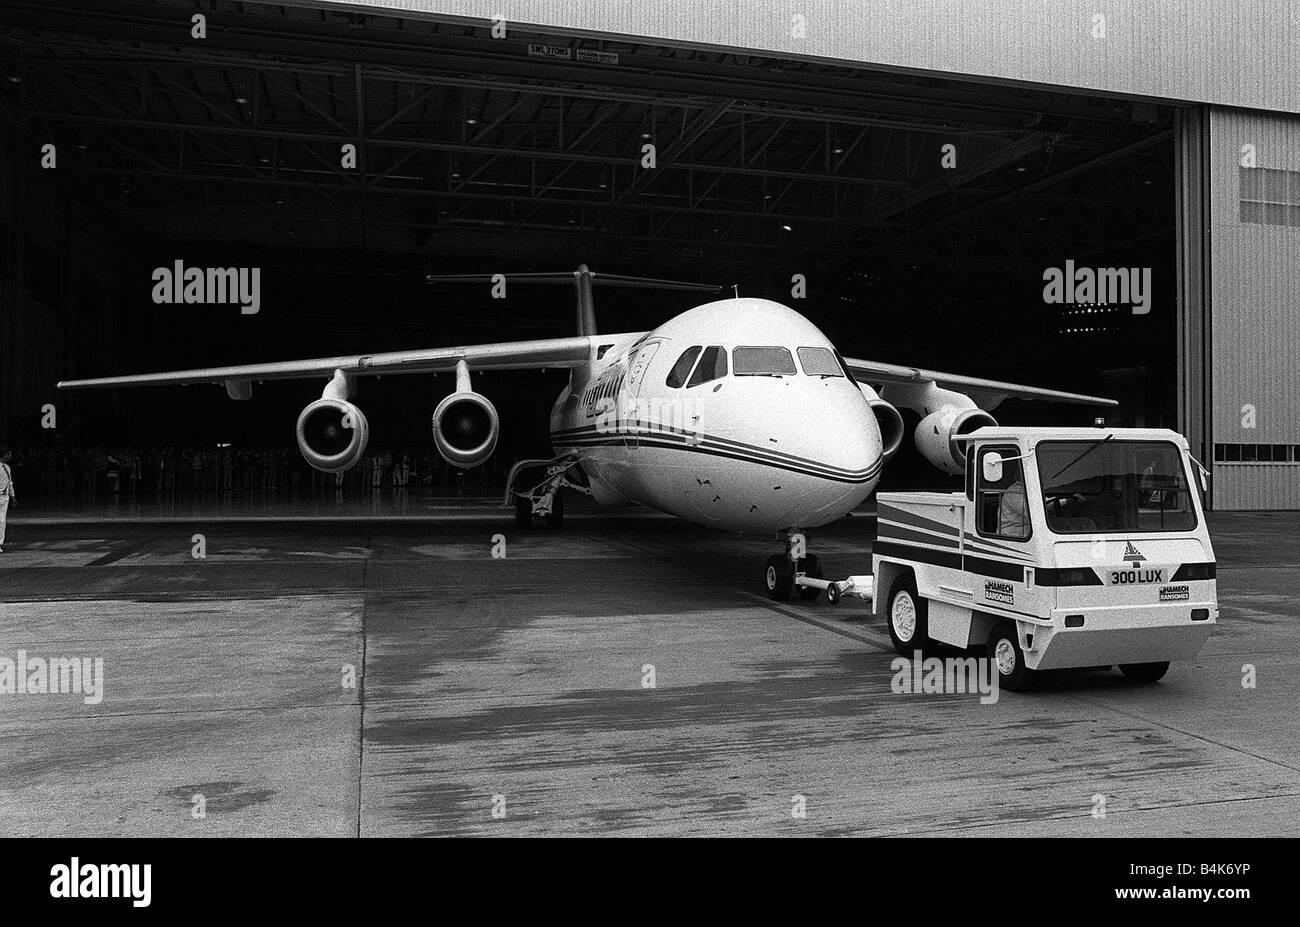 Aircraft British Aerospace BAe 146 300 May 1987 British Aerospace BAe 146 300 is towed out of the hangar at Hatfield - Stock Image